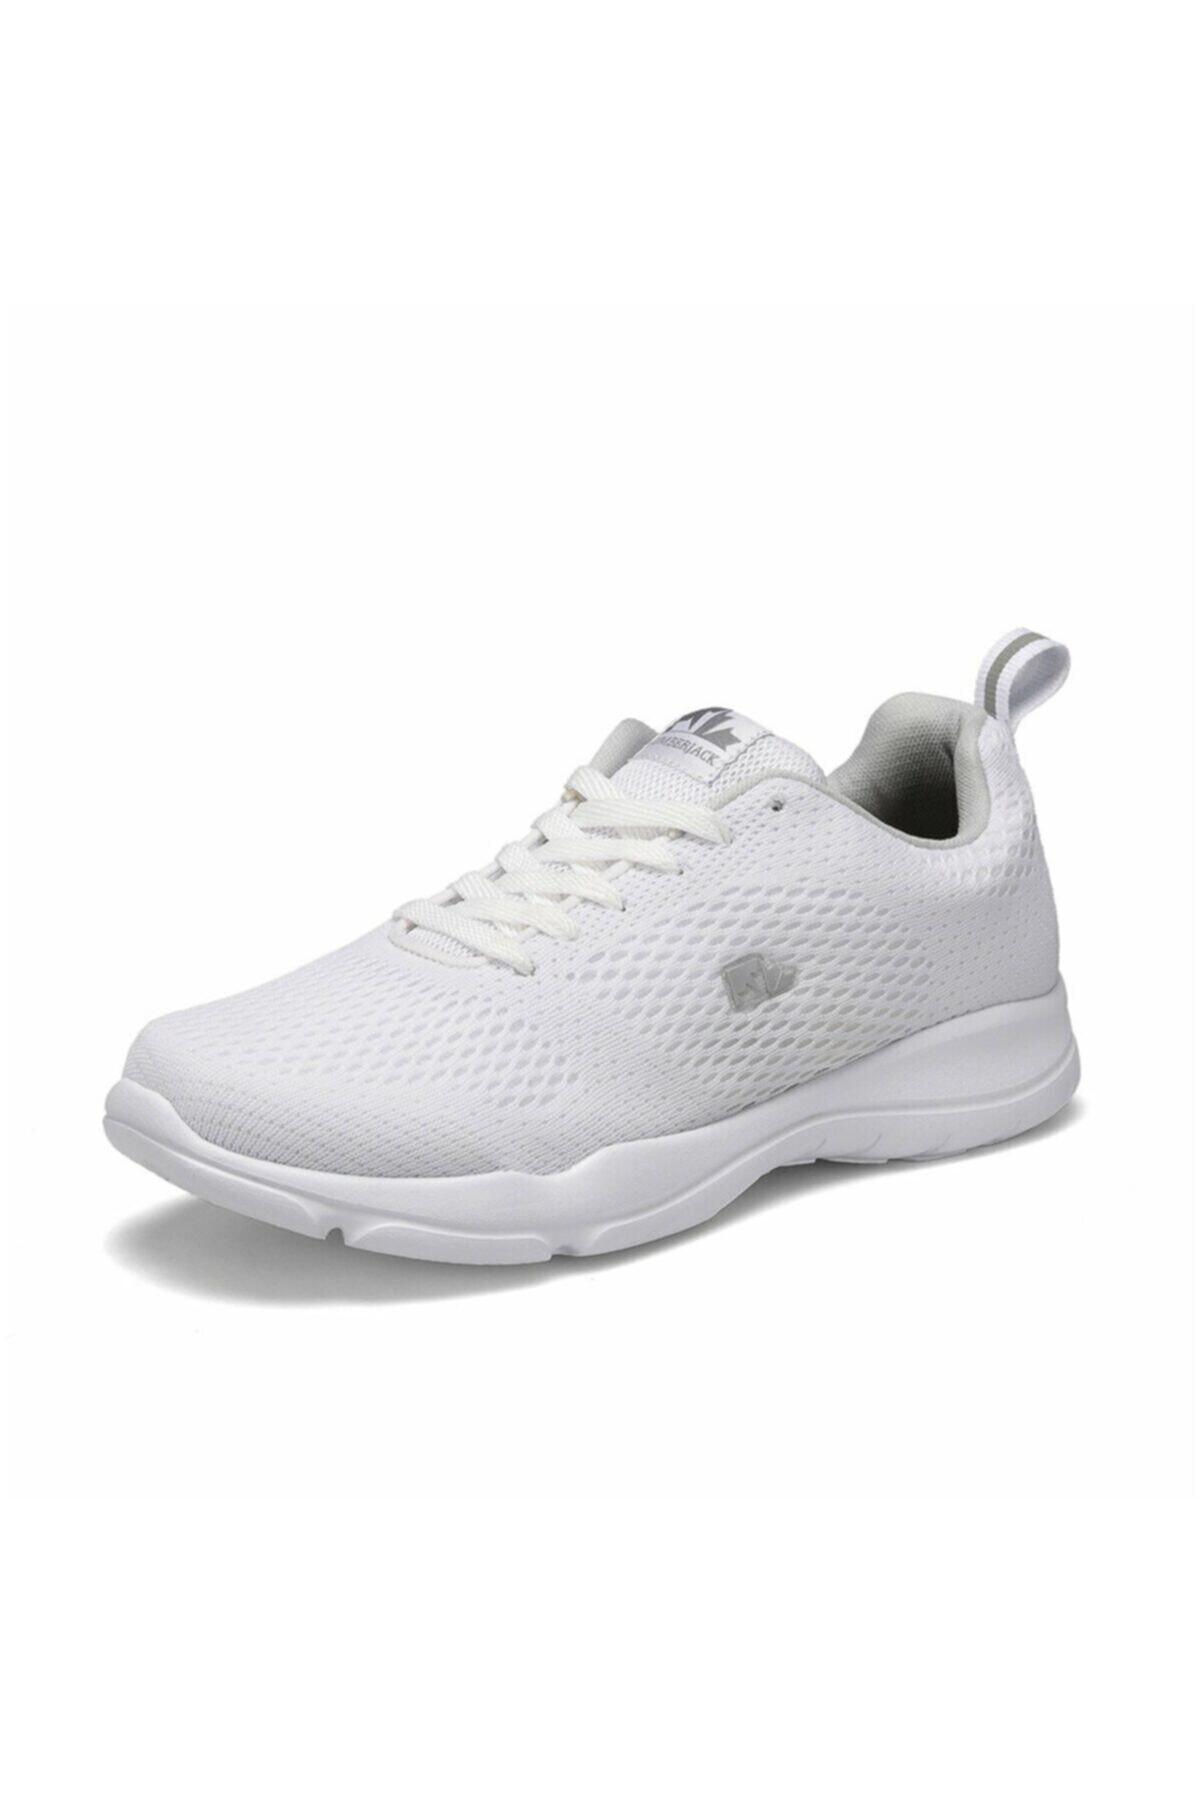 سفارش کفش مخصوص پیاده روی مردانه ارزان برند lumberjack کد ty35036231